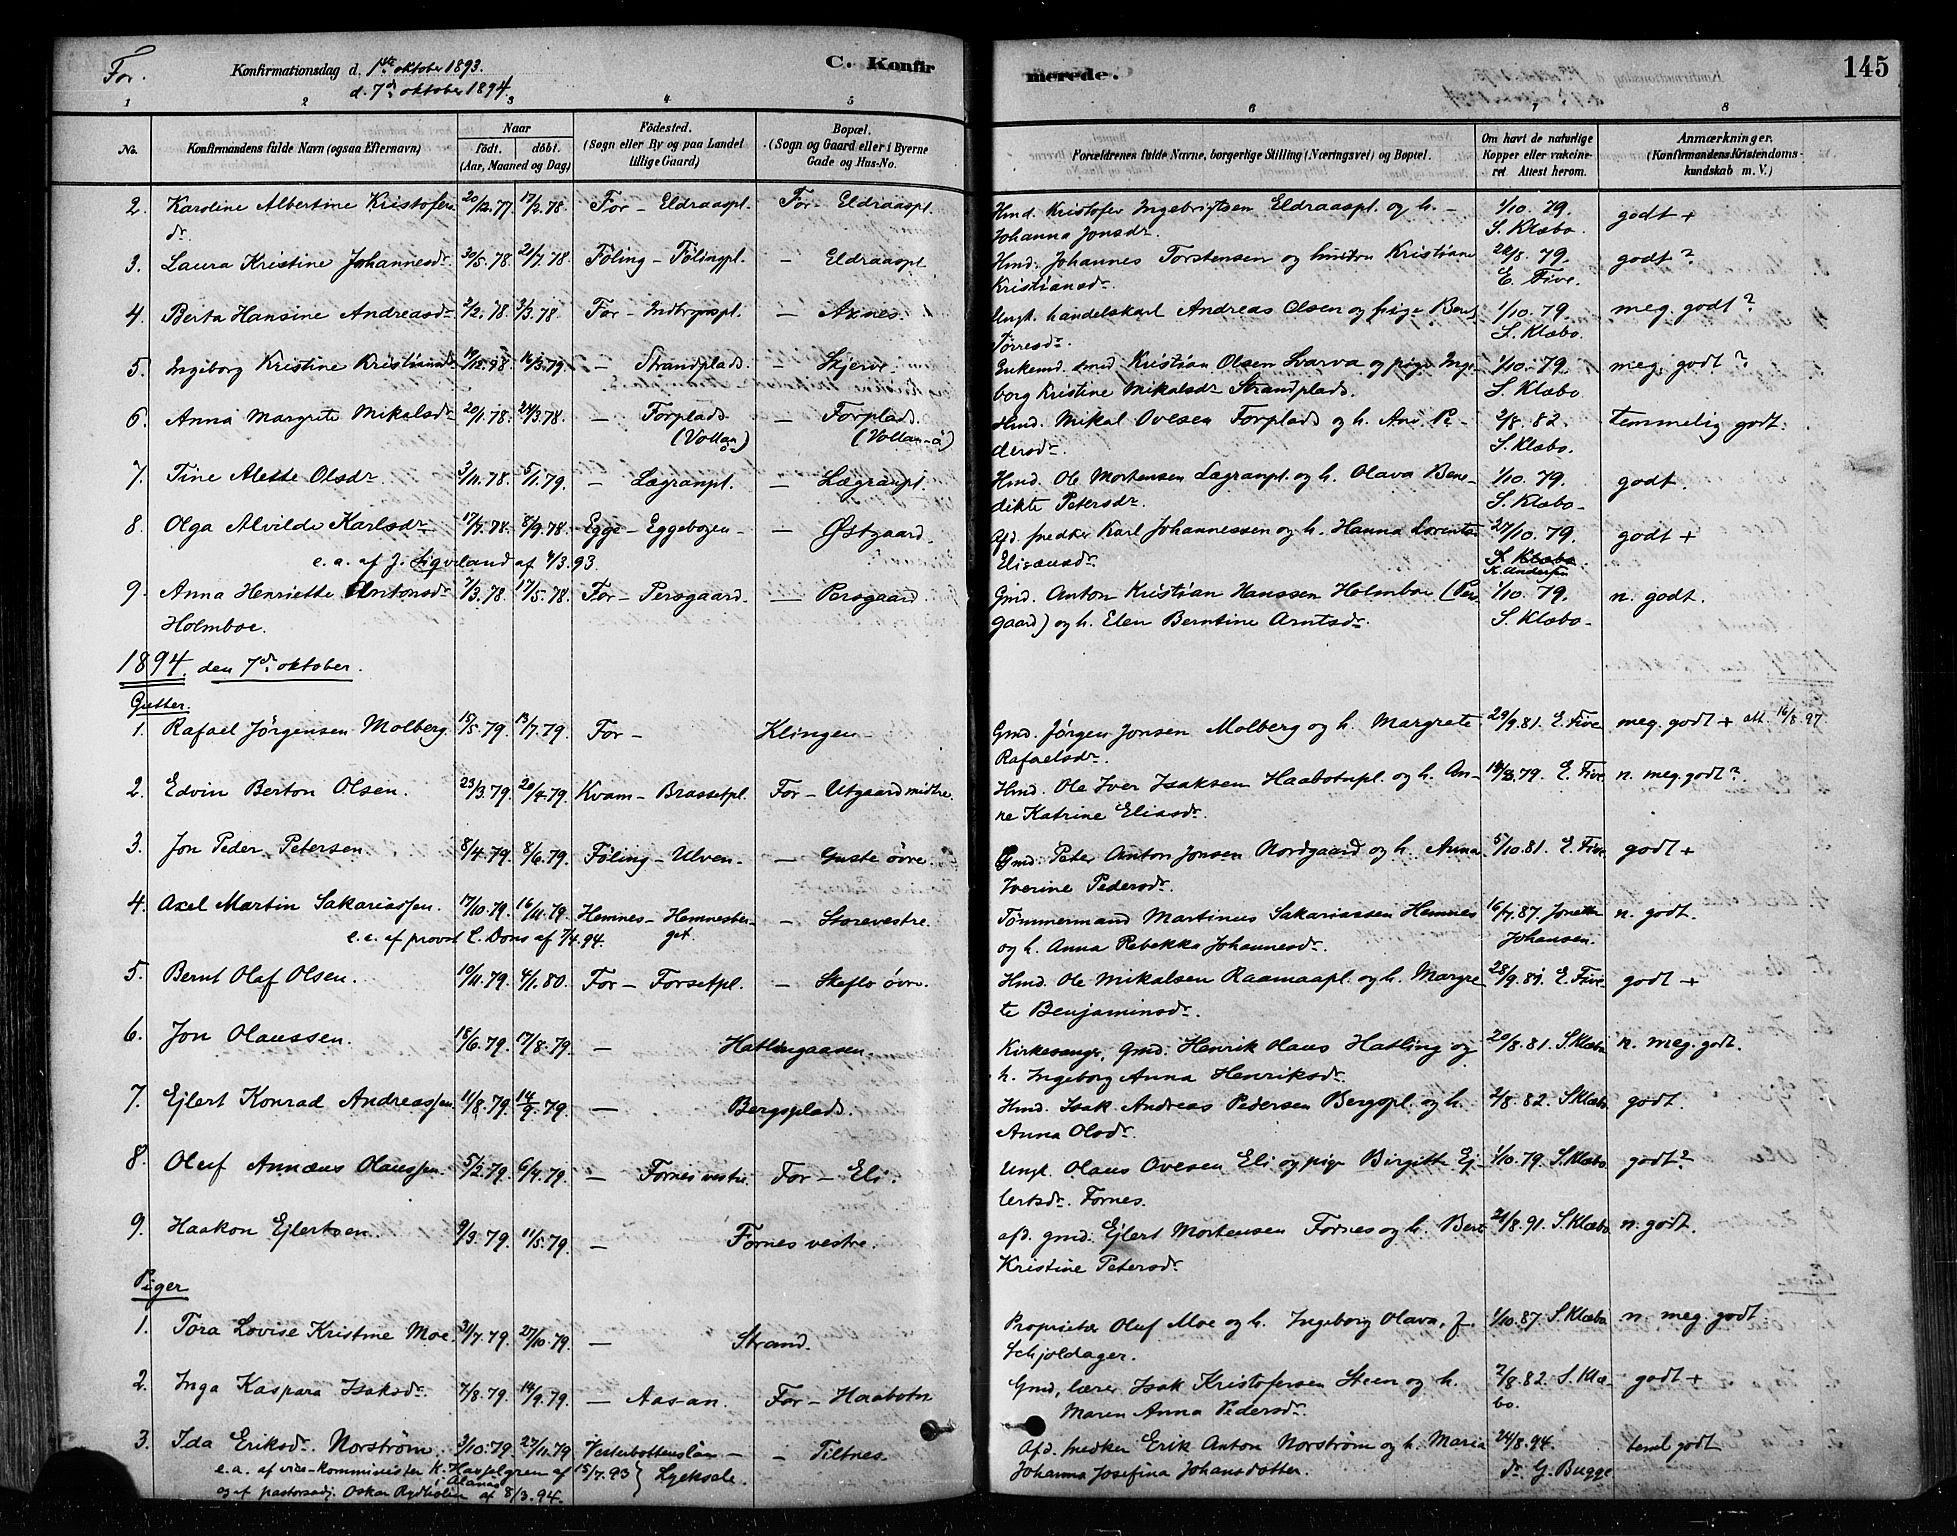 SAT, Ministerialprotokoller, klokkerbøker og fødselsregistre - Nord-Trøndelag, 746/L0448: Ministerialbok nr. 746A07 /1, 1878-1900, s. 145